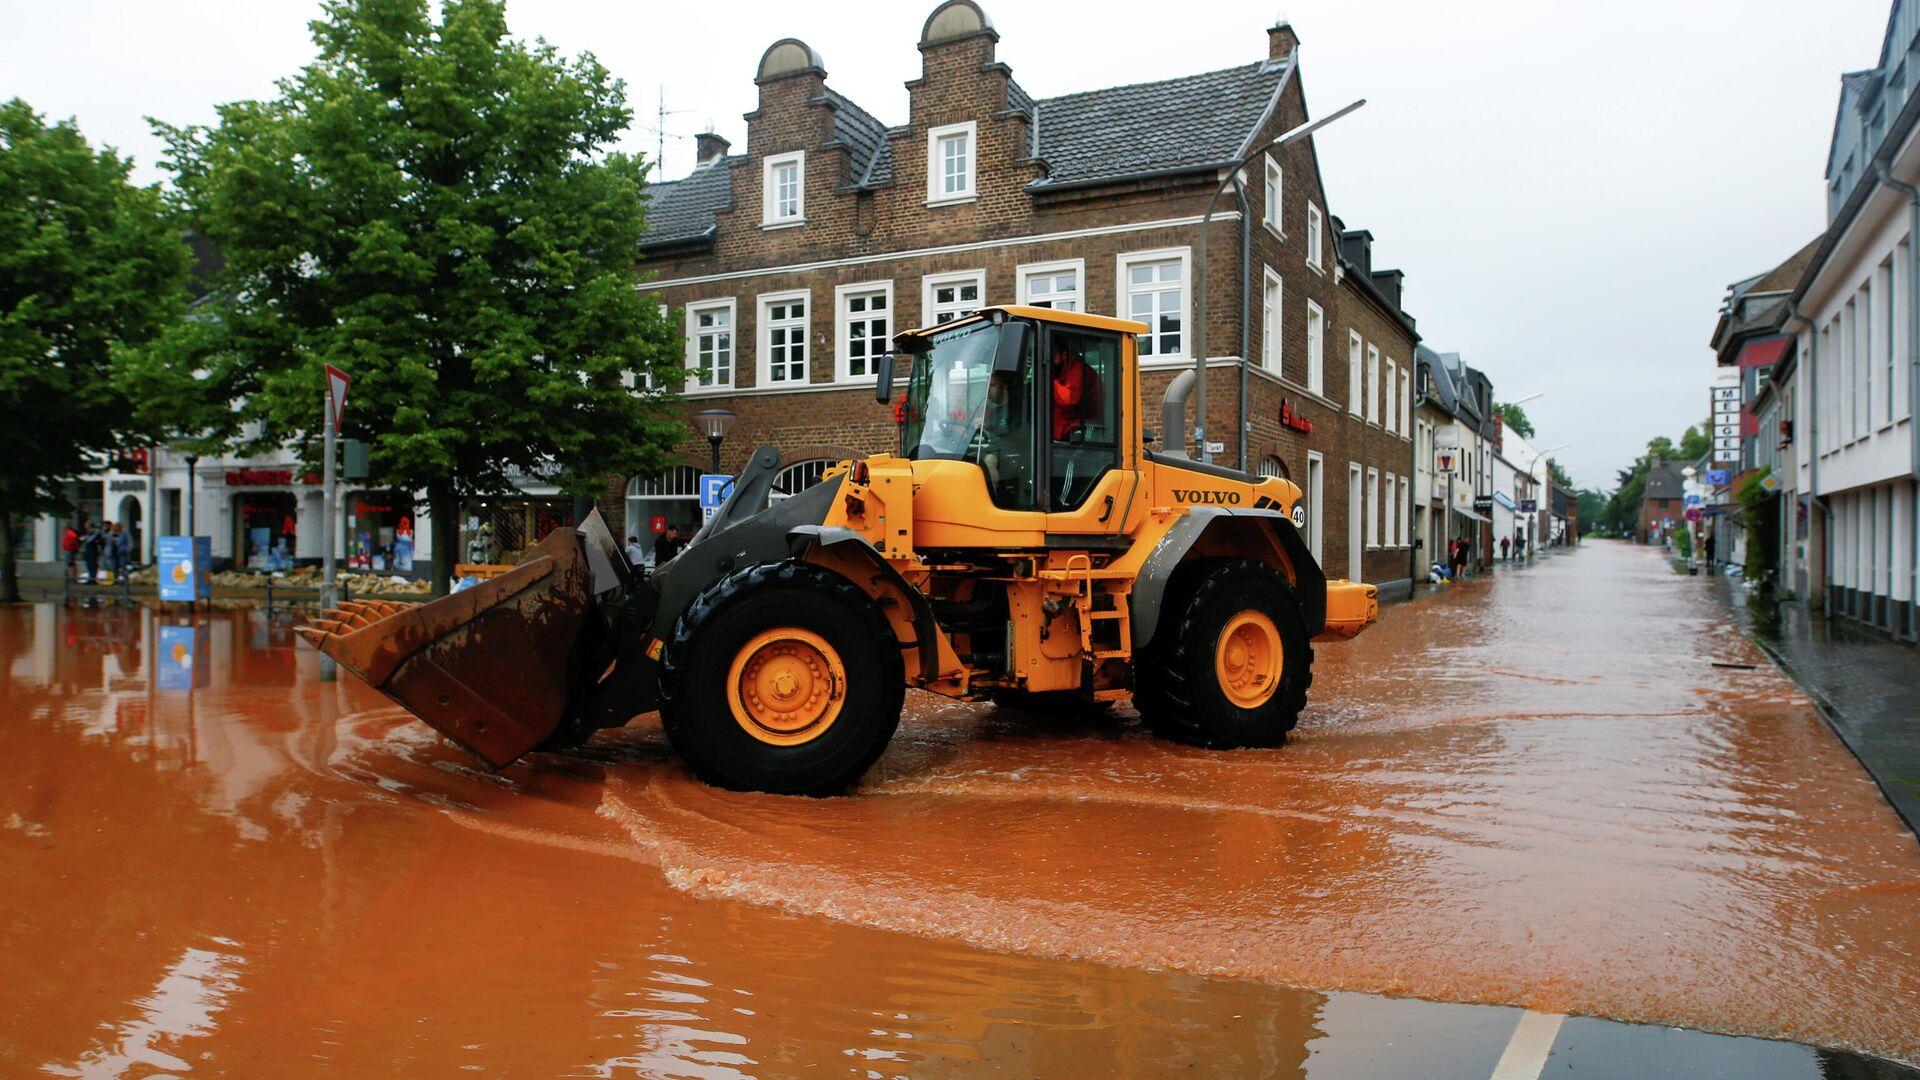 Улицы затоплены после проливных дождей в Эрфтштадте, Германия - РИА Новости, 1920, 30.07.2021